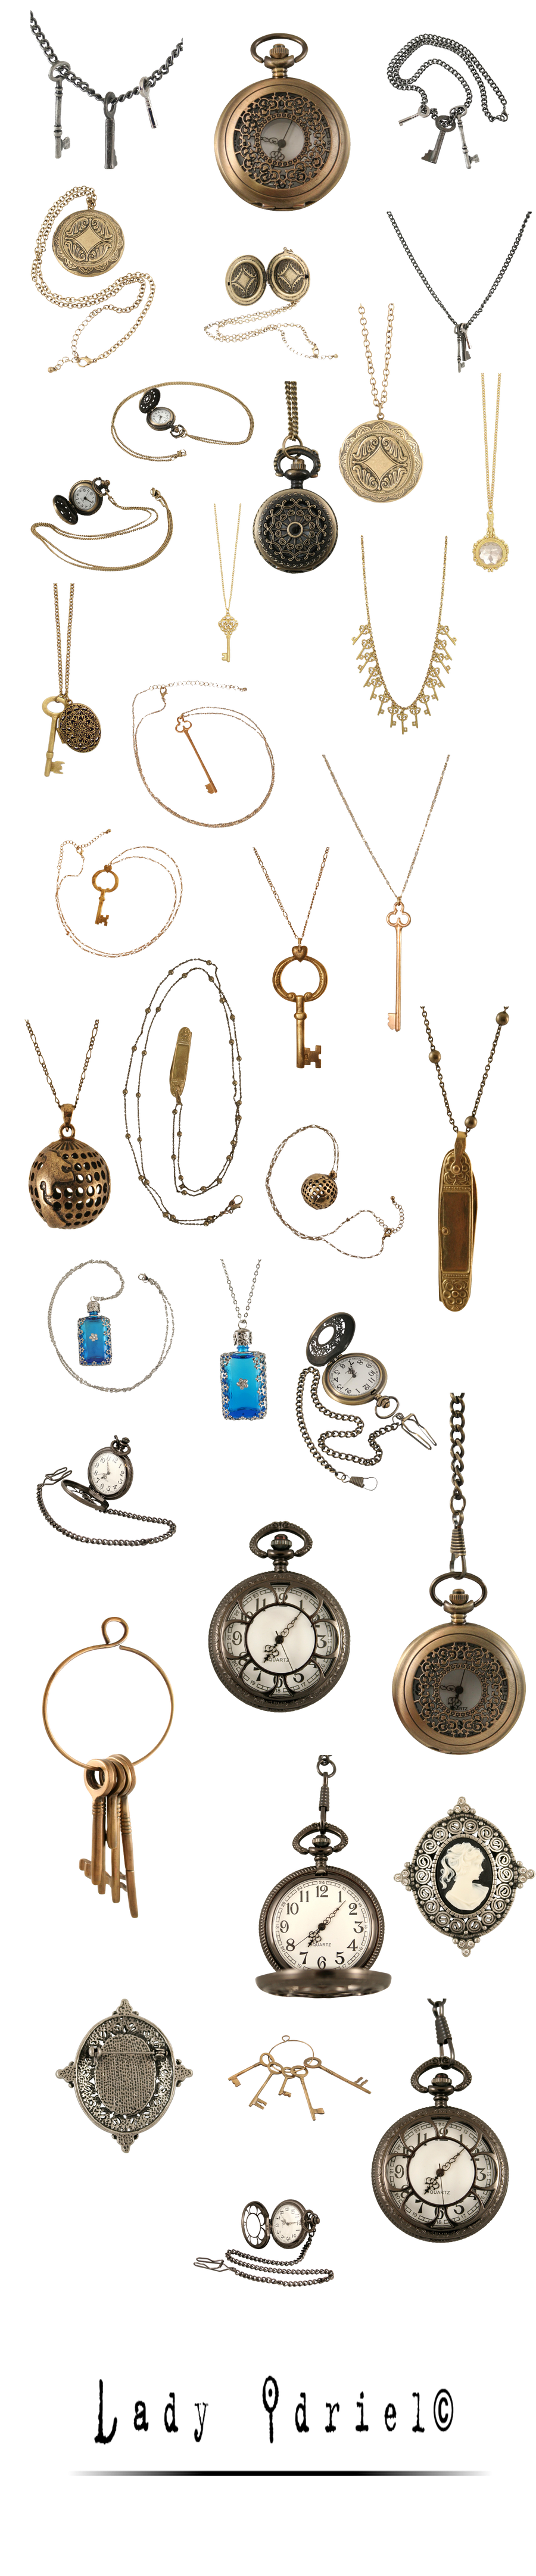 steampunk jewellery stock by darkadathea